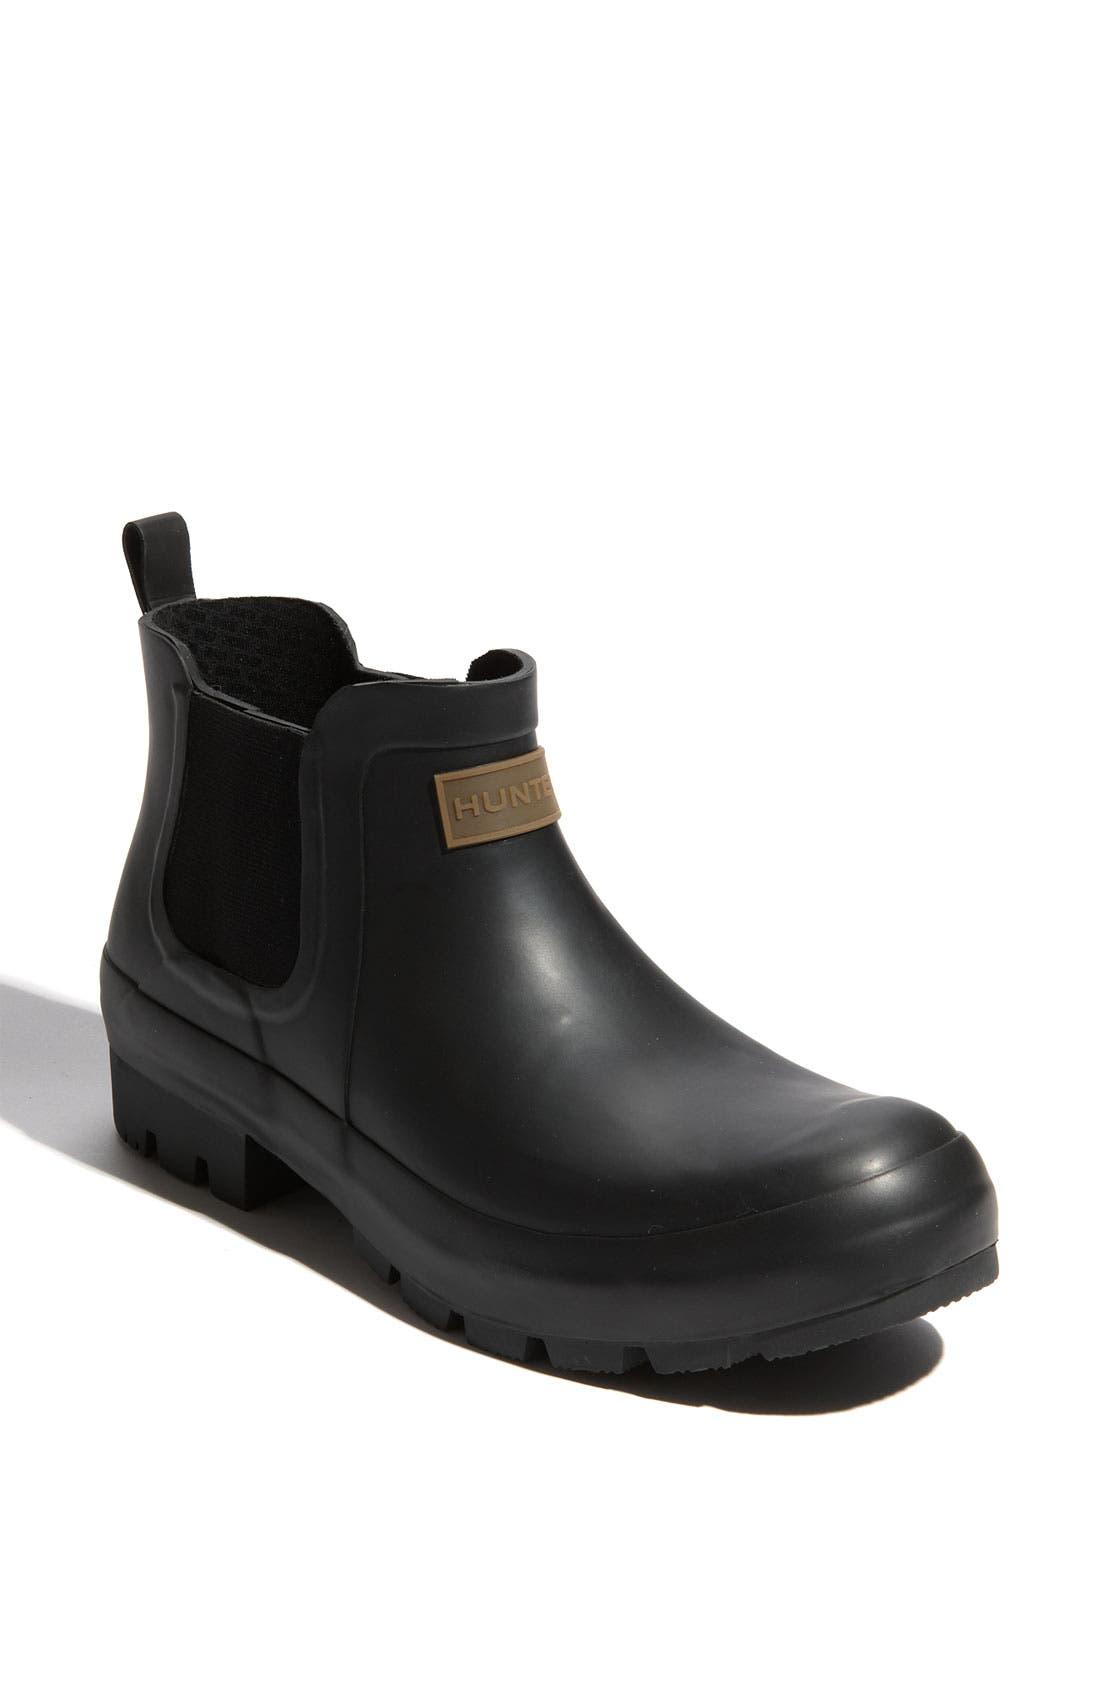 Main Image - Hunter 'Andrew' Rain Boot (Men) (Online Only)